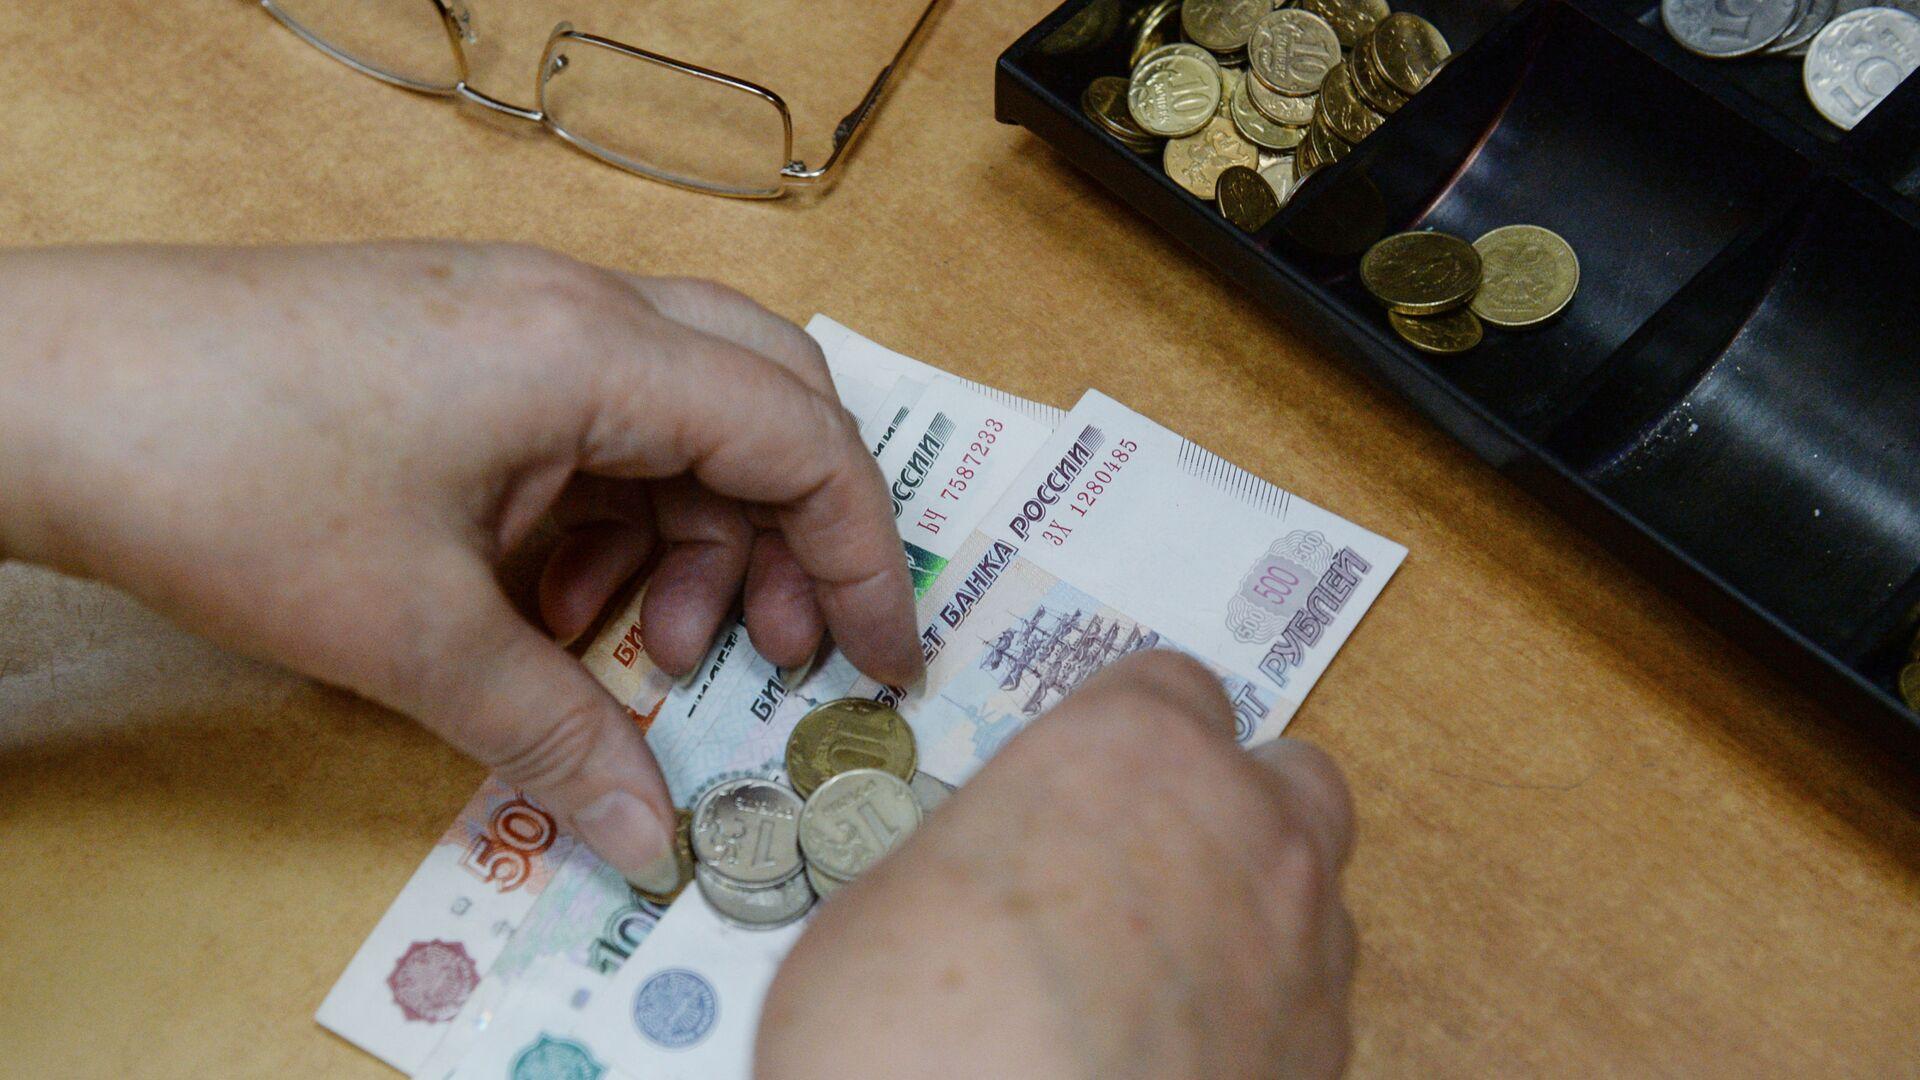 Выплата пенсии в одном из отделений Почты России - РИА Новости, 1920, 28.02.2021